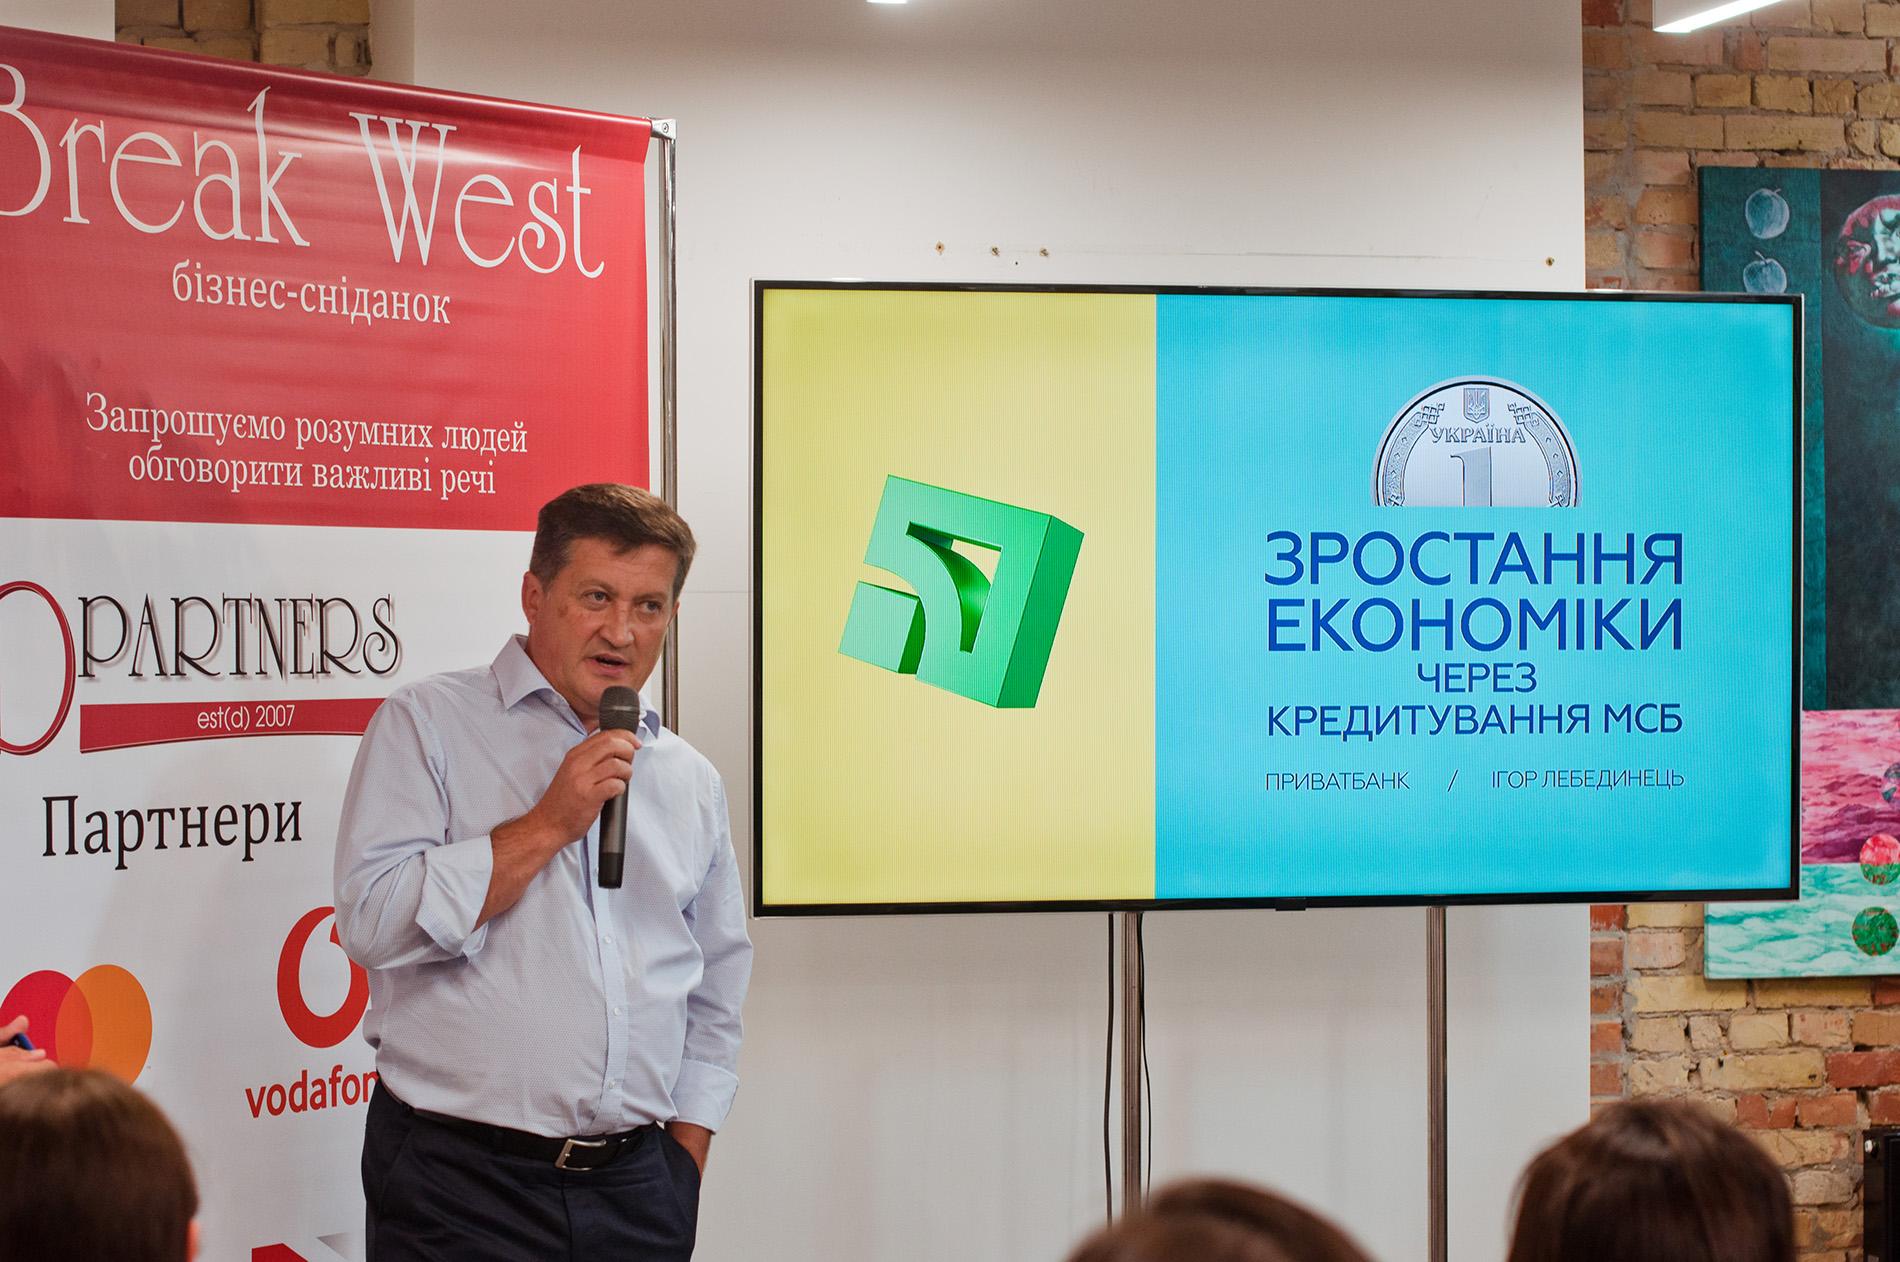 Ігор Лебединець, Член Правління Приват Банку